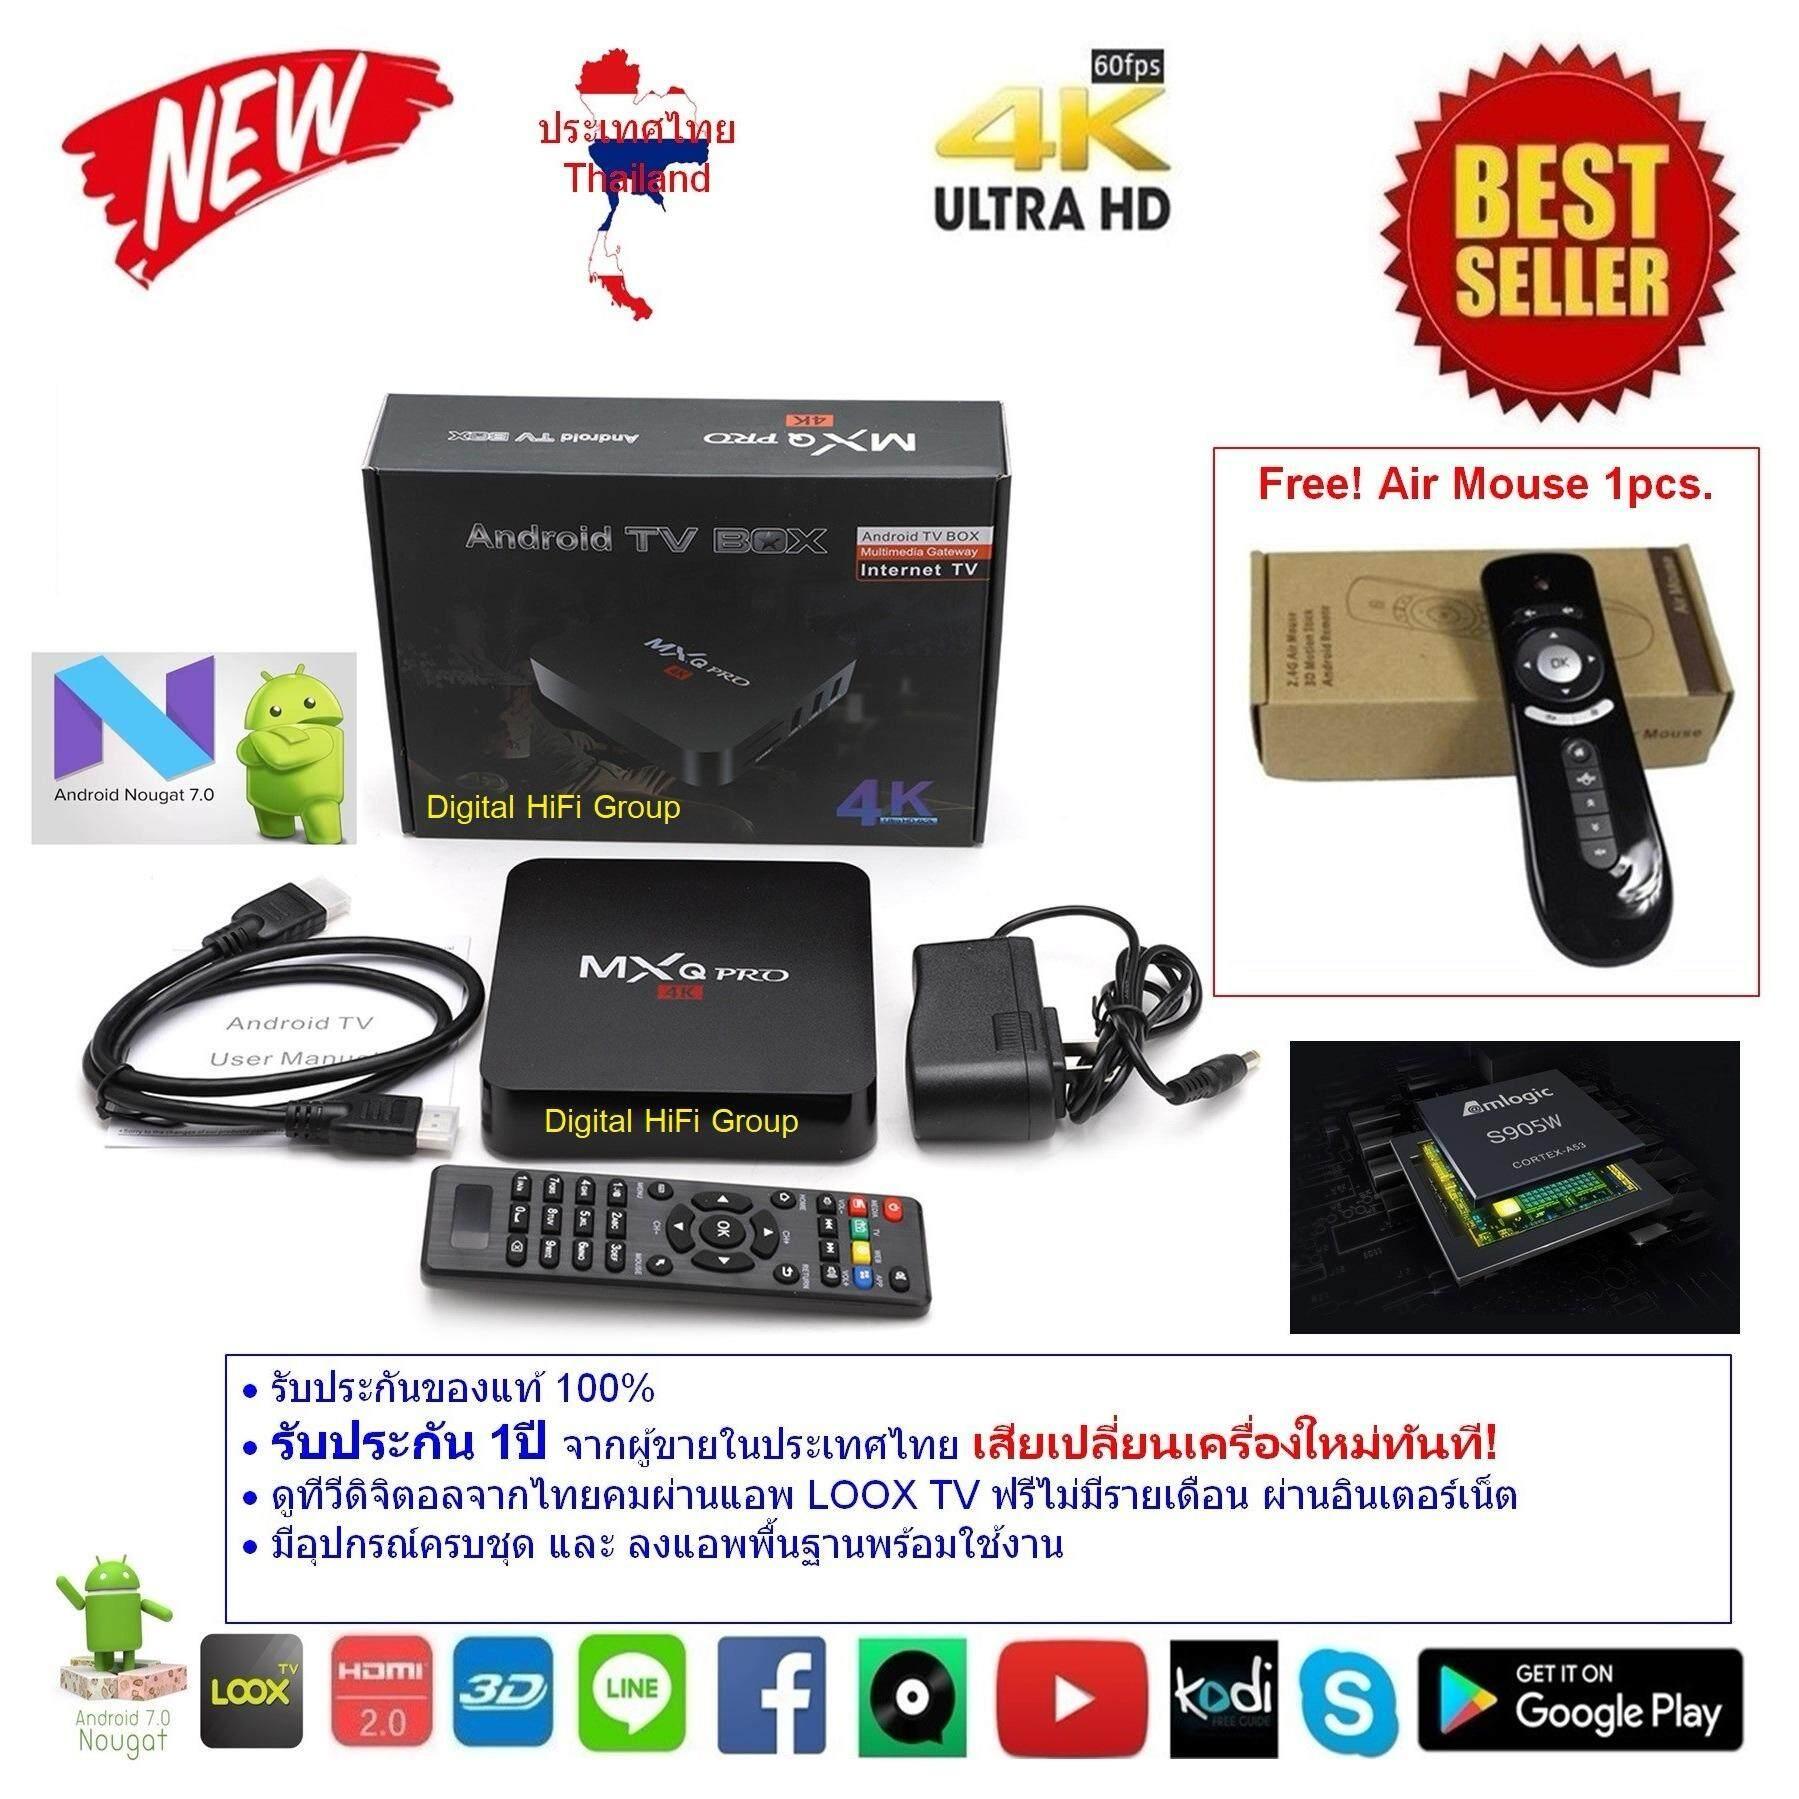 ยี่ห้อนี้ดีไหม  ตาก Android Smart Box MXQ Pro UHD 4K Ram 1GB DDR3 Android 7.1.2 Nougat รุ่นใหม่ล่าสุด + Air Mouse T2